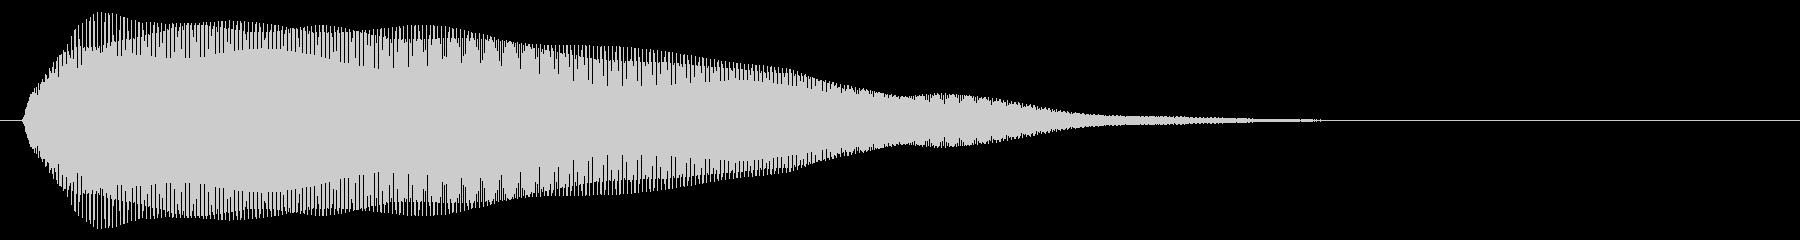 クラブ系 タッチ音2(単)の未再生の波形